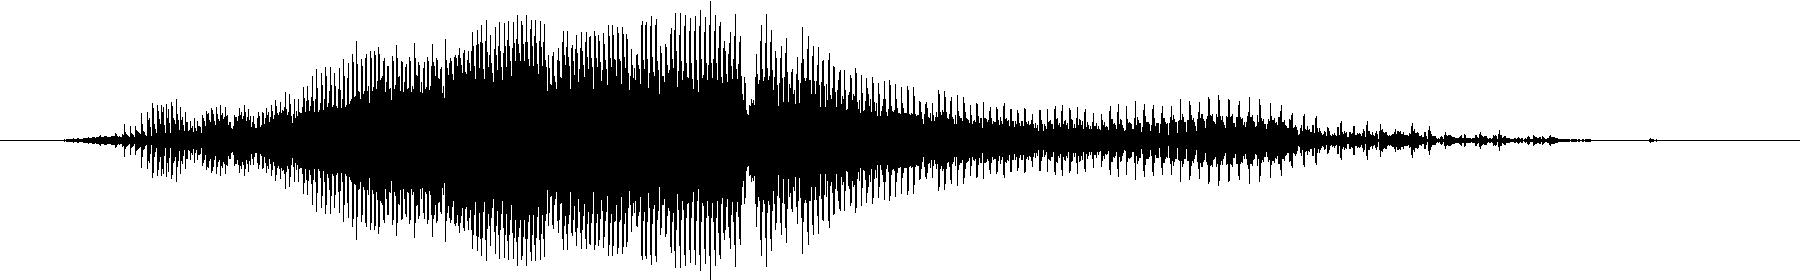 49952 ratt placerad atom v2 wav